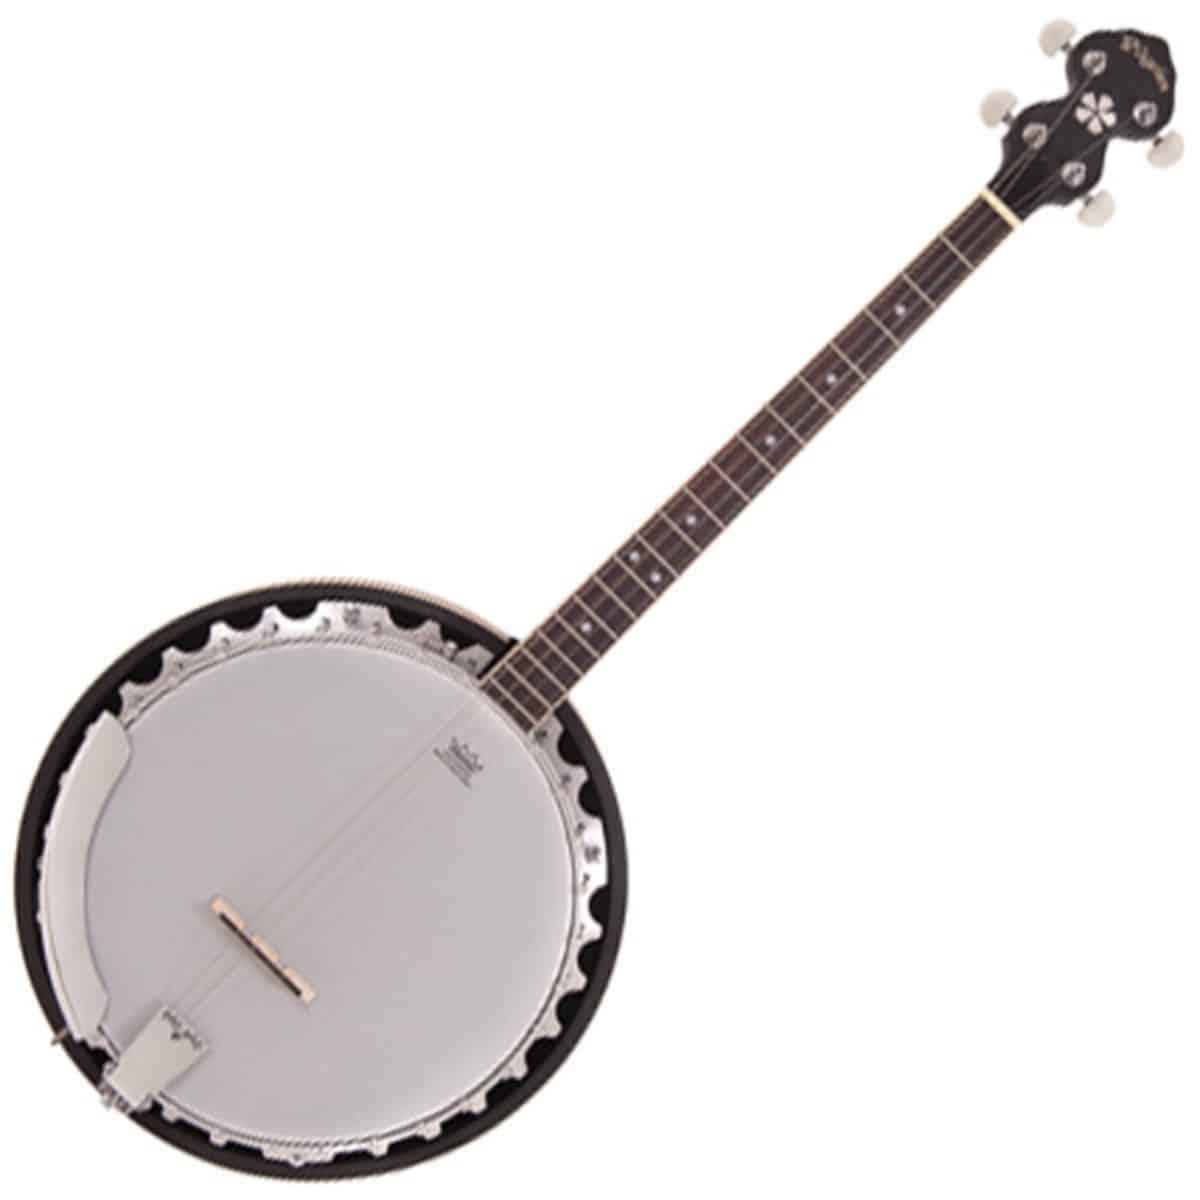 Pilgrim by Vintage Progress 4-String Tenor Banjo